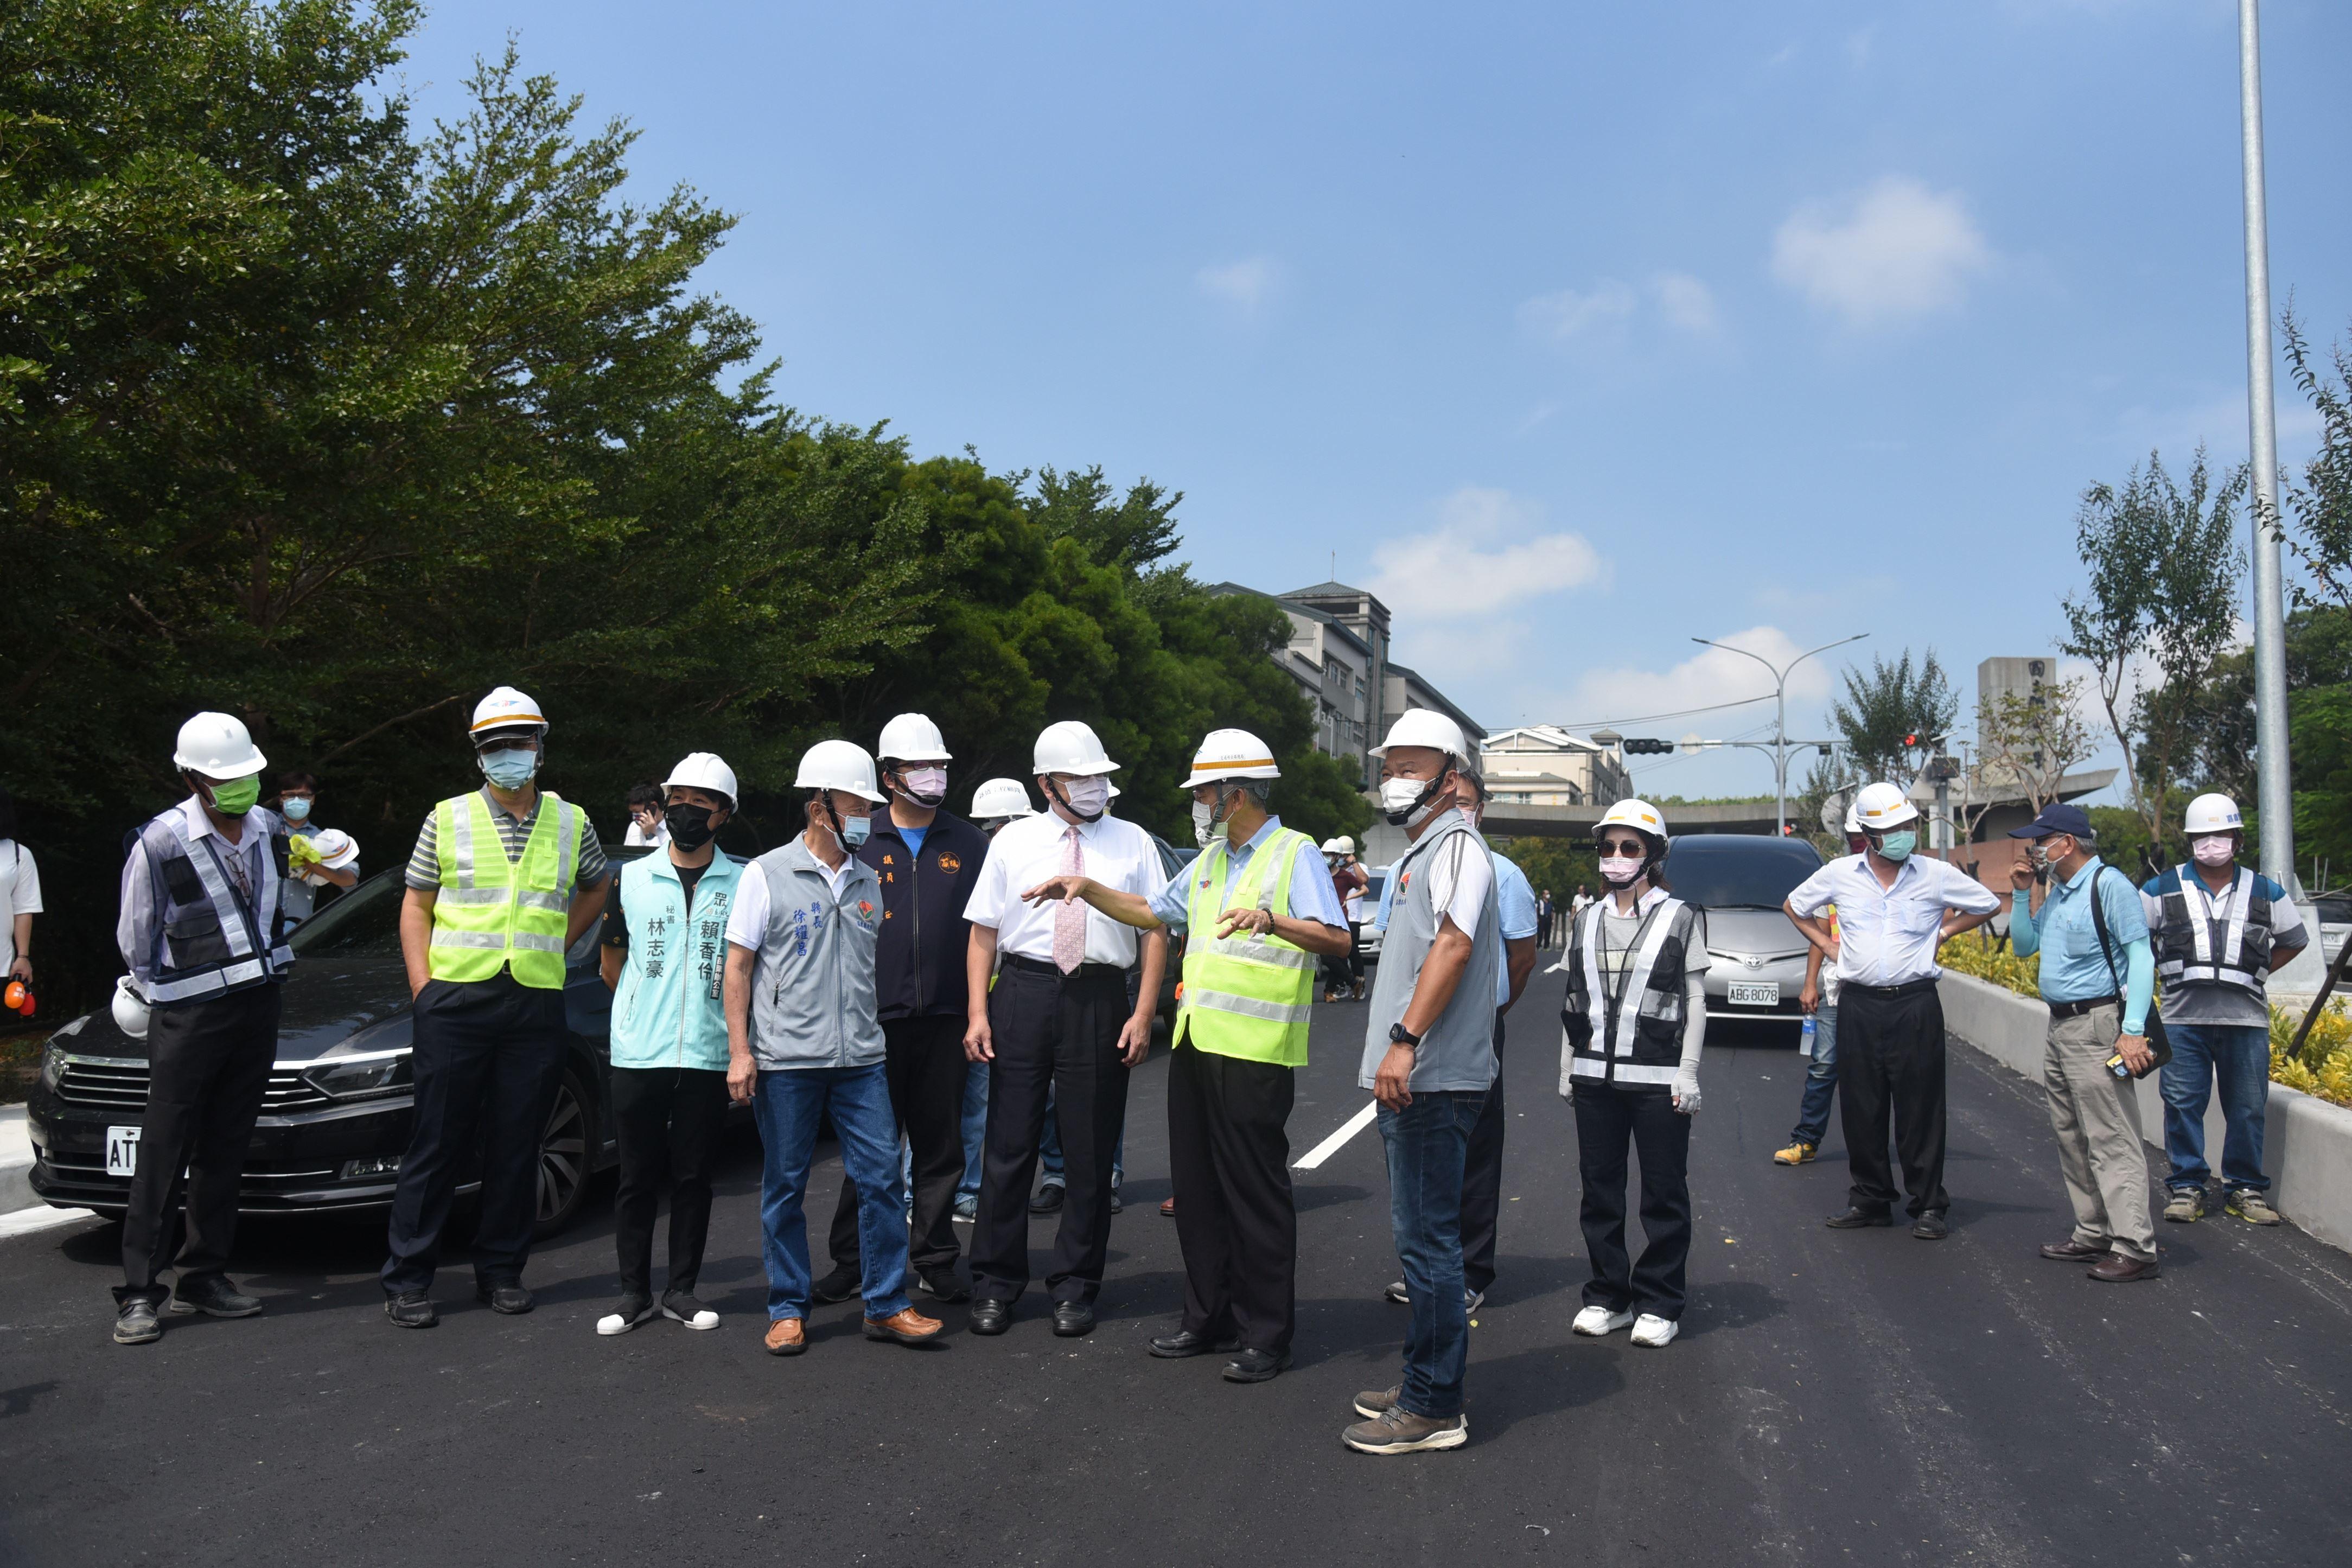 聯大路改善工程可保障師生安全 龍鳳漁港聯外道將有助觀光發展